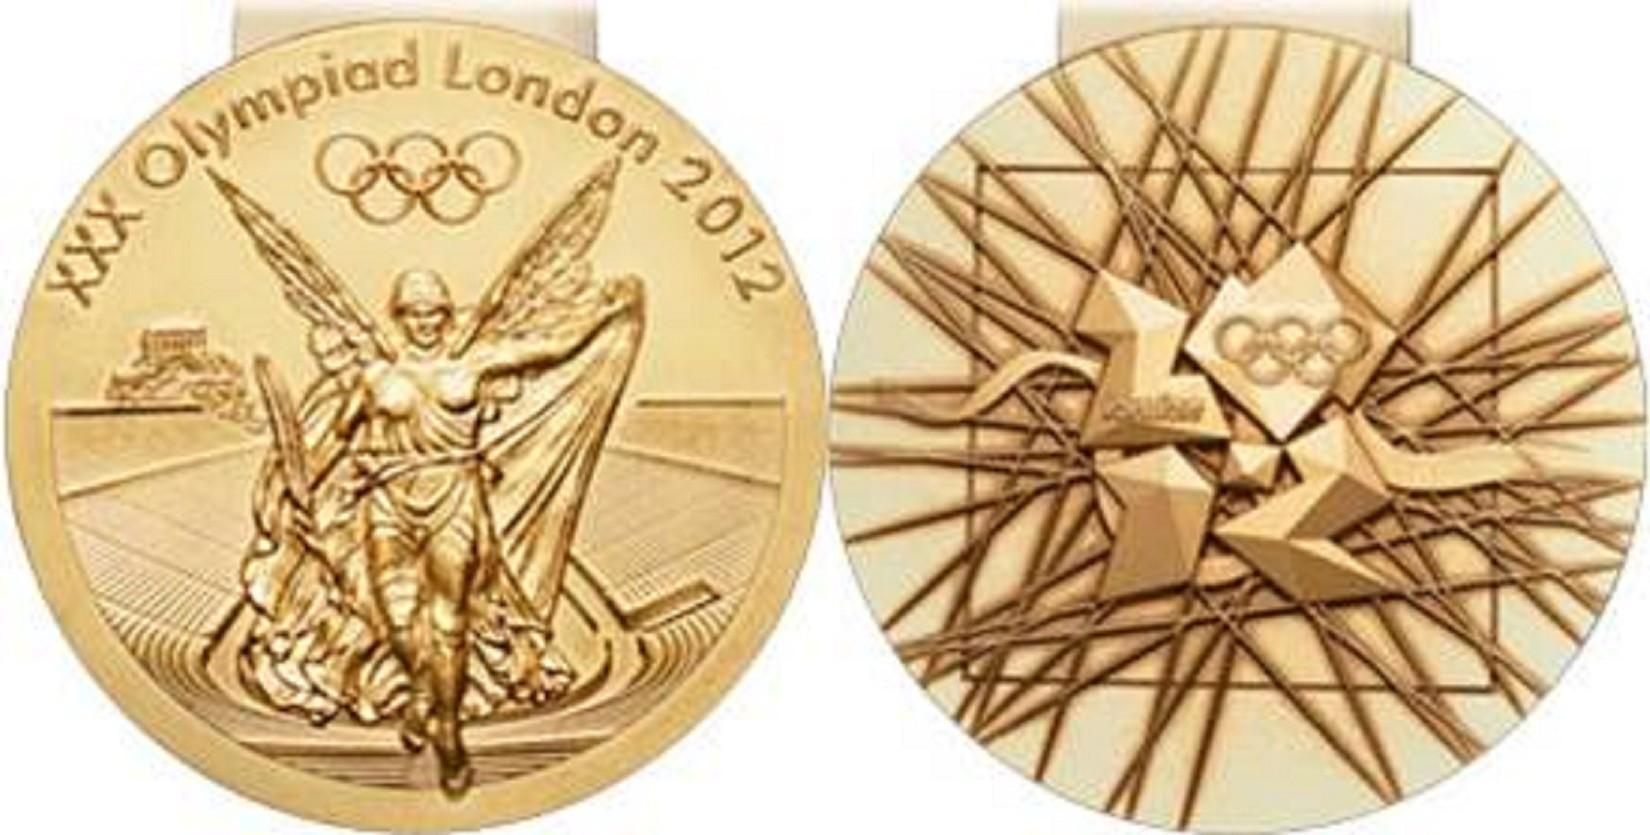 Quelques sportifs médaillés d'or aux Jeux olympiques !